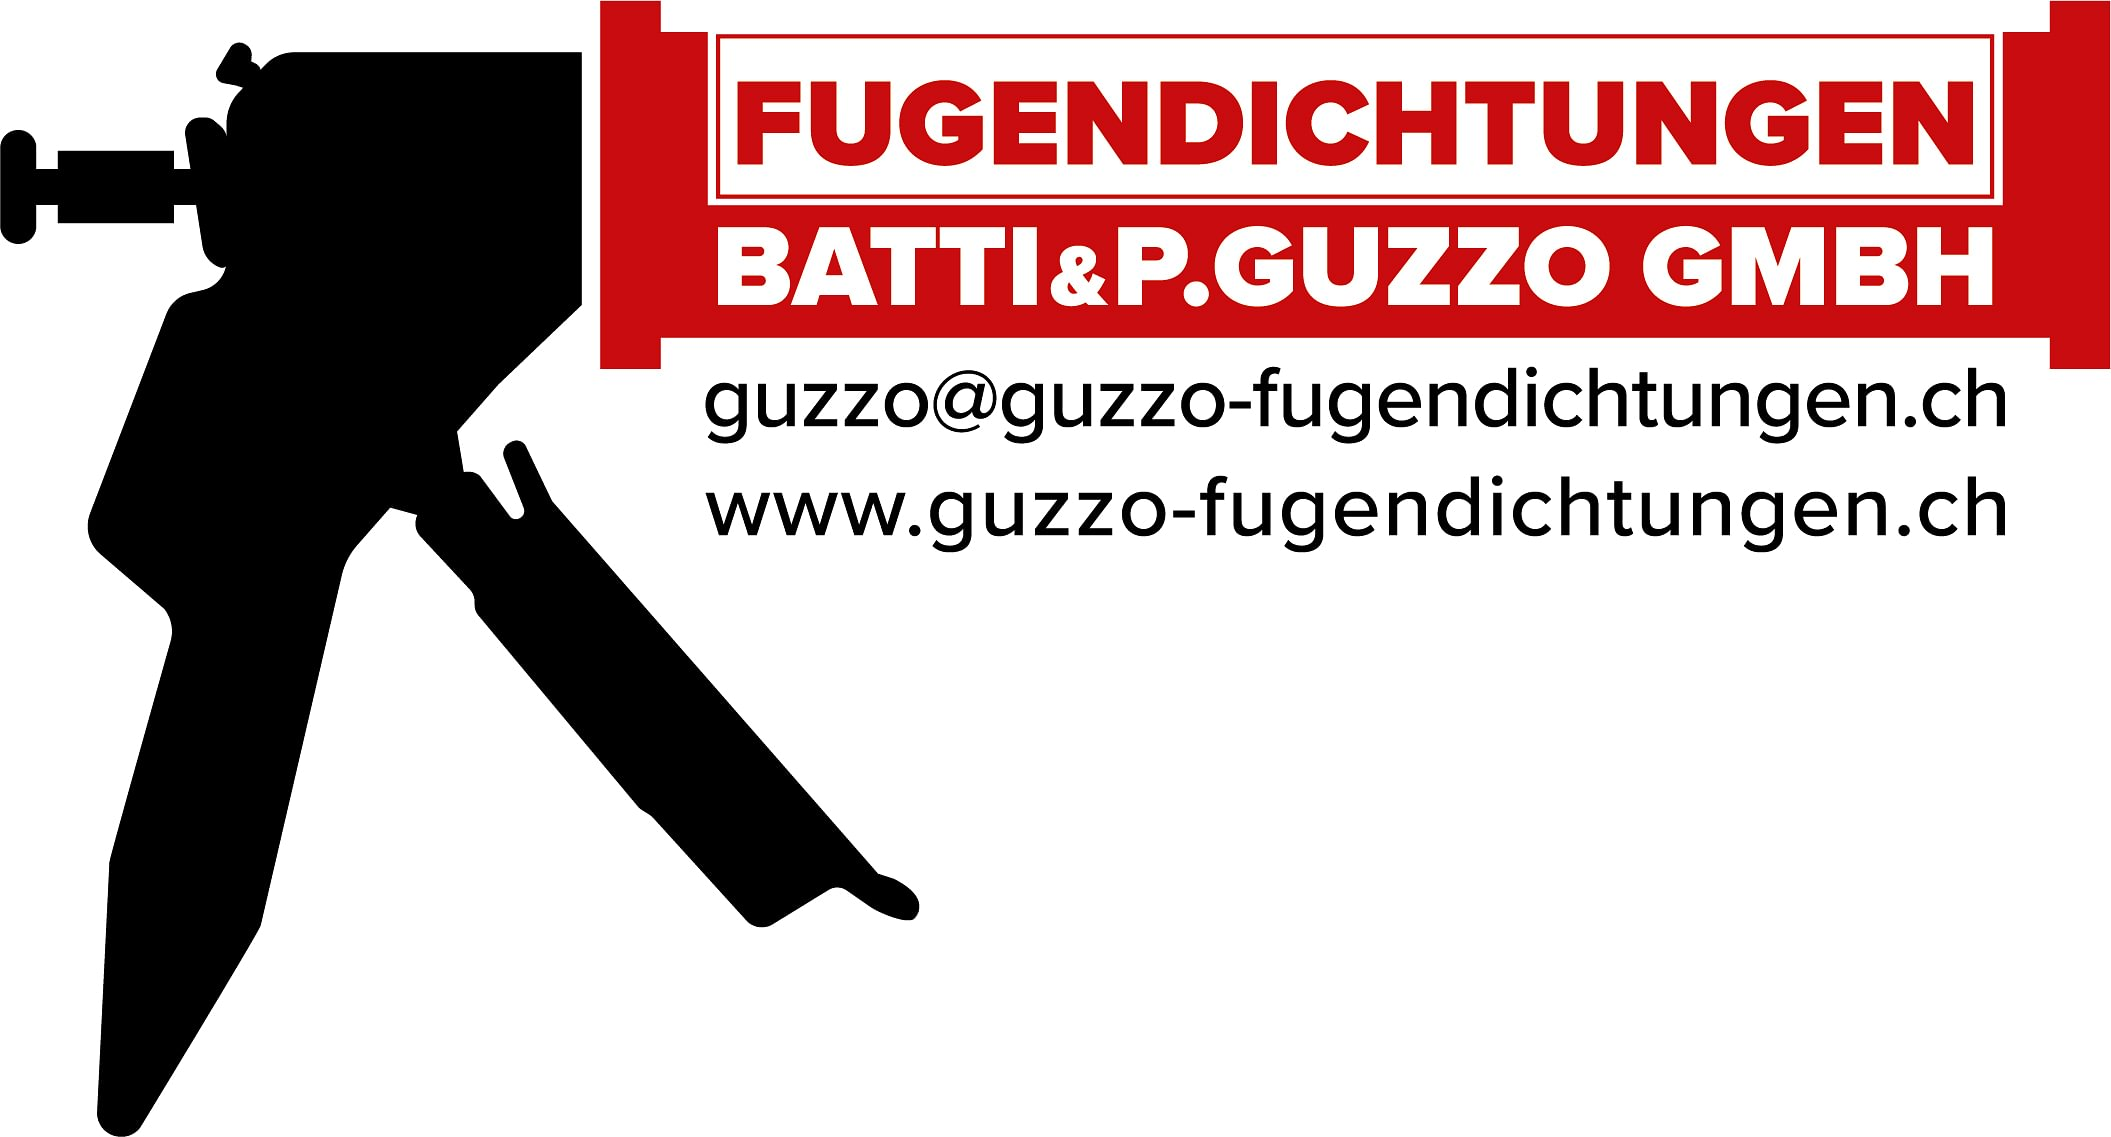 Batti + P. Guzzo GmbH